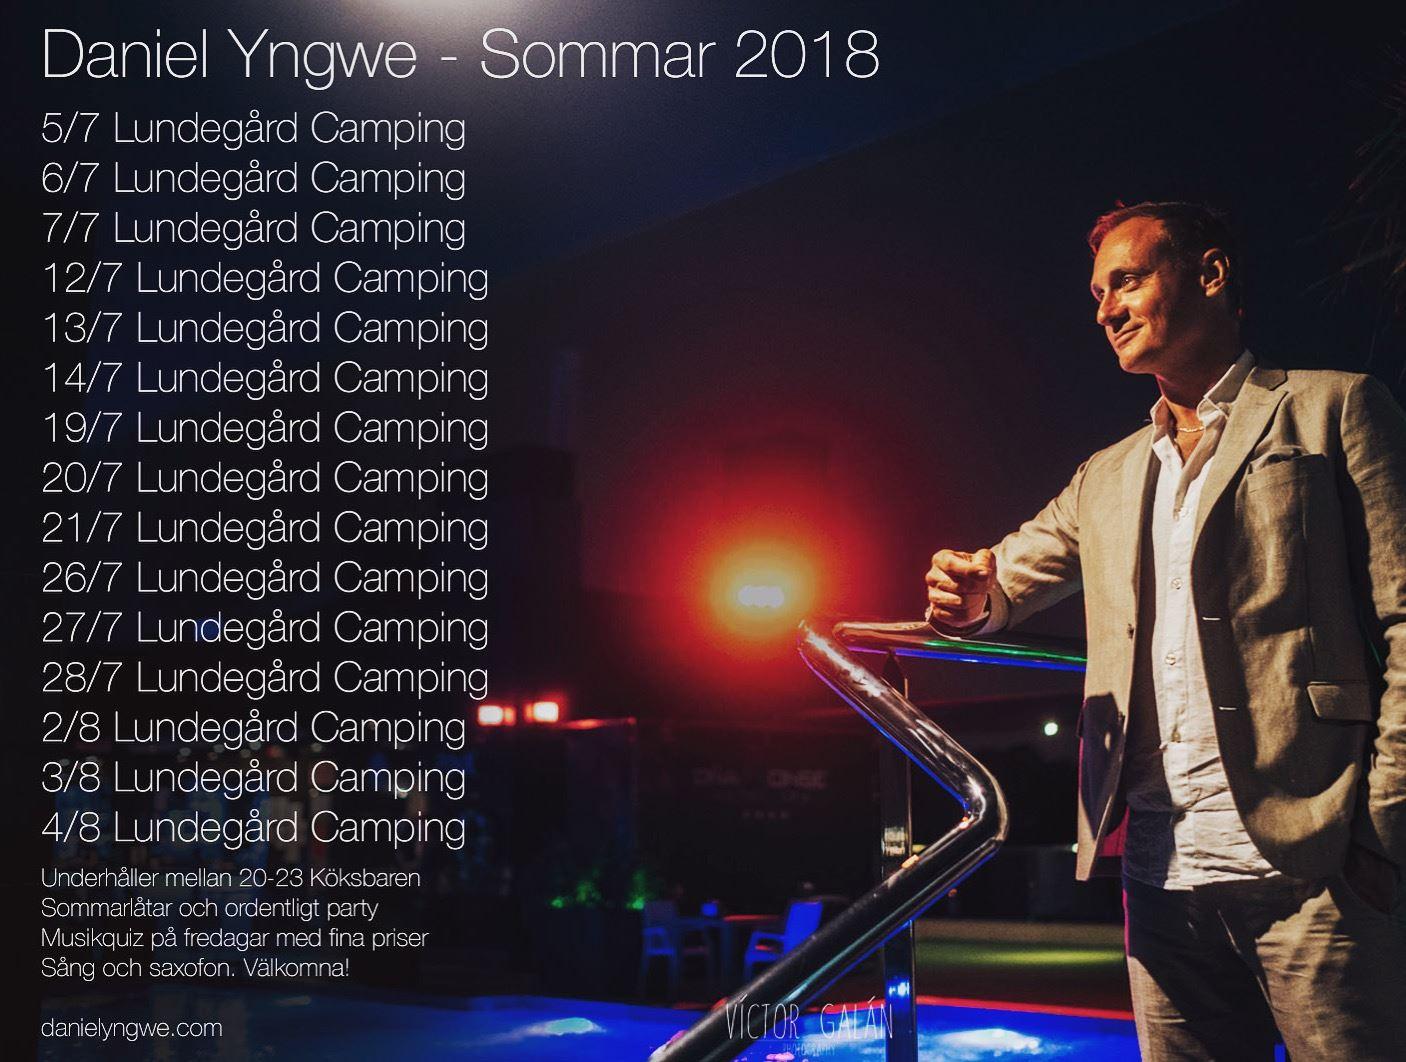 Daniel Yngwe underhåller med saxofon och sång